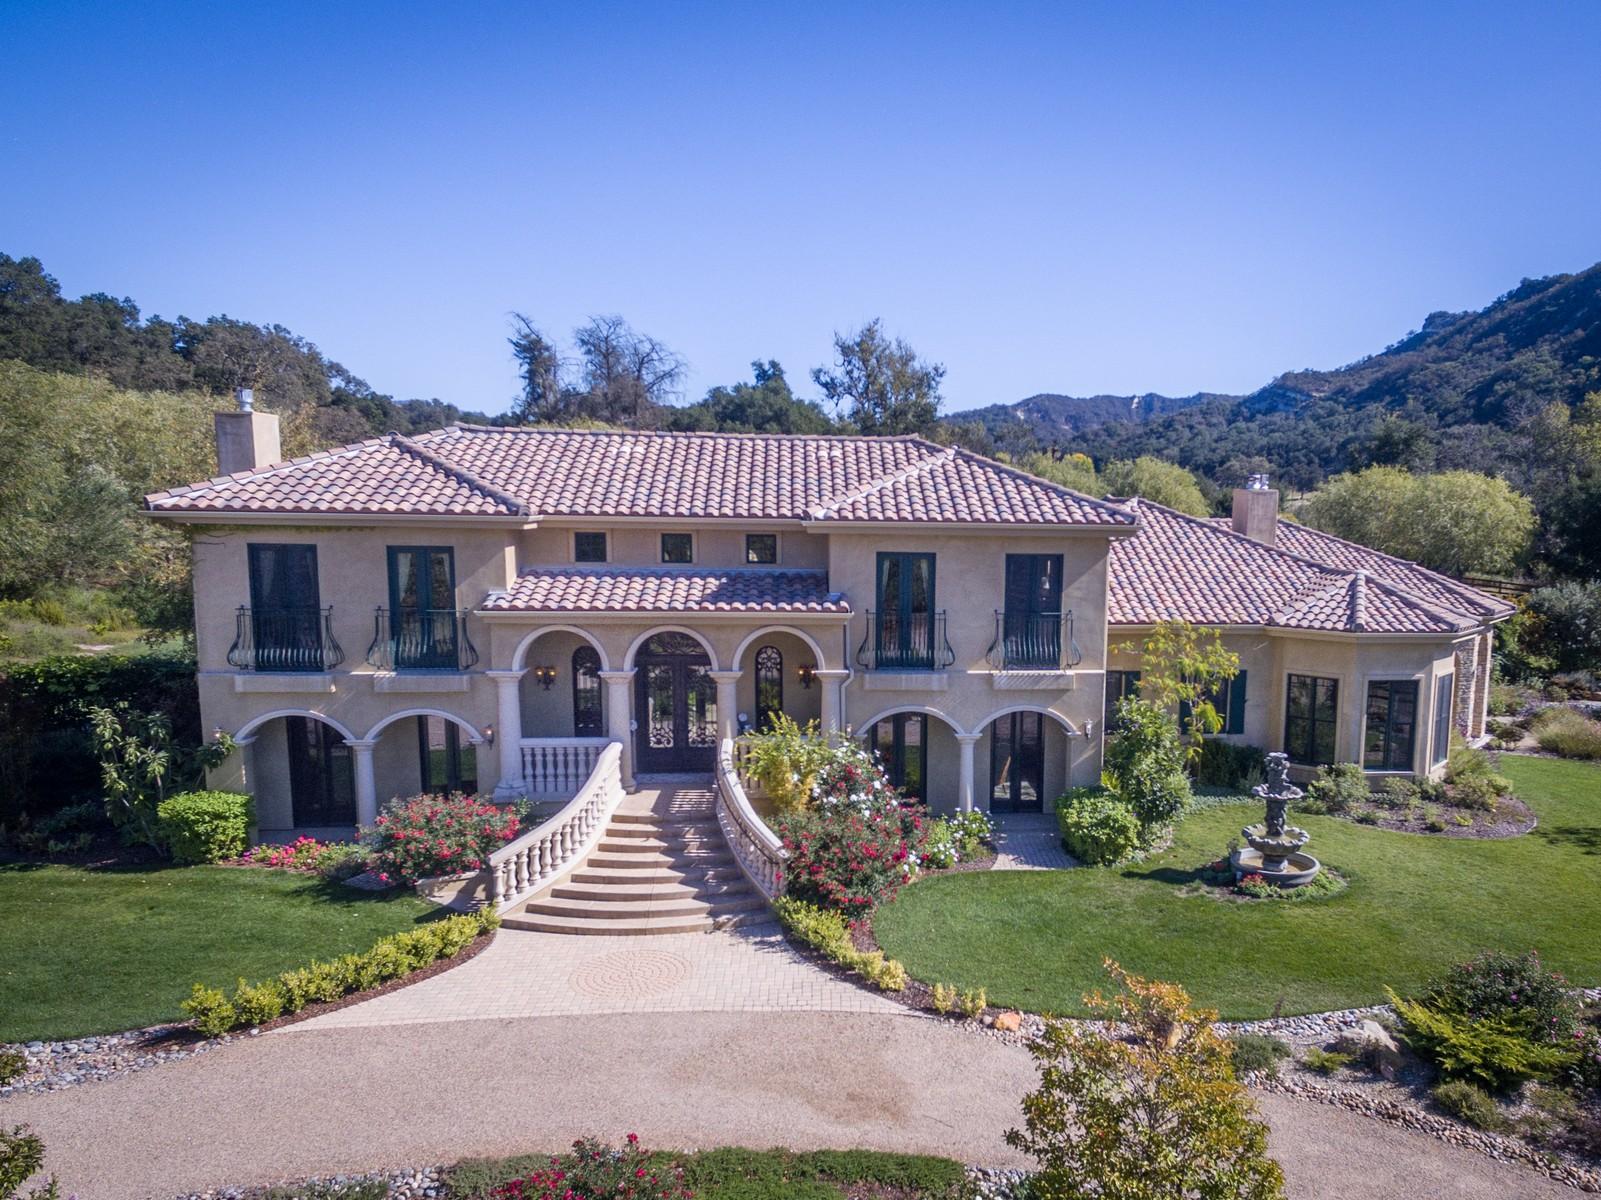 独户住宅 为 销售 在 Willow Creek Ranch 1494 Big Baldy Way 阿罗约, 加利福尼亚州, 93420 美国